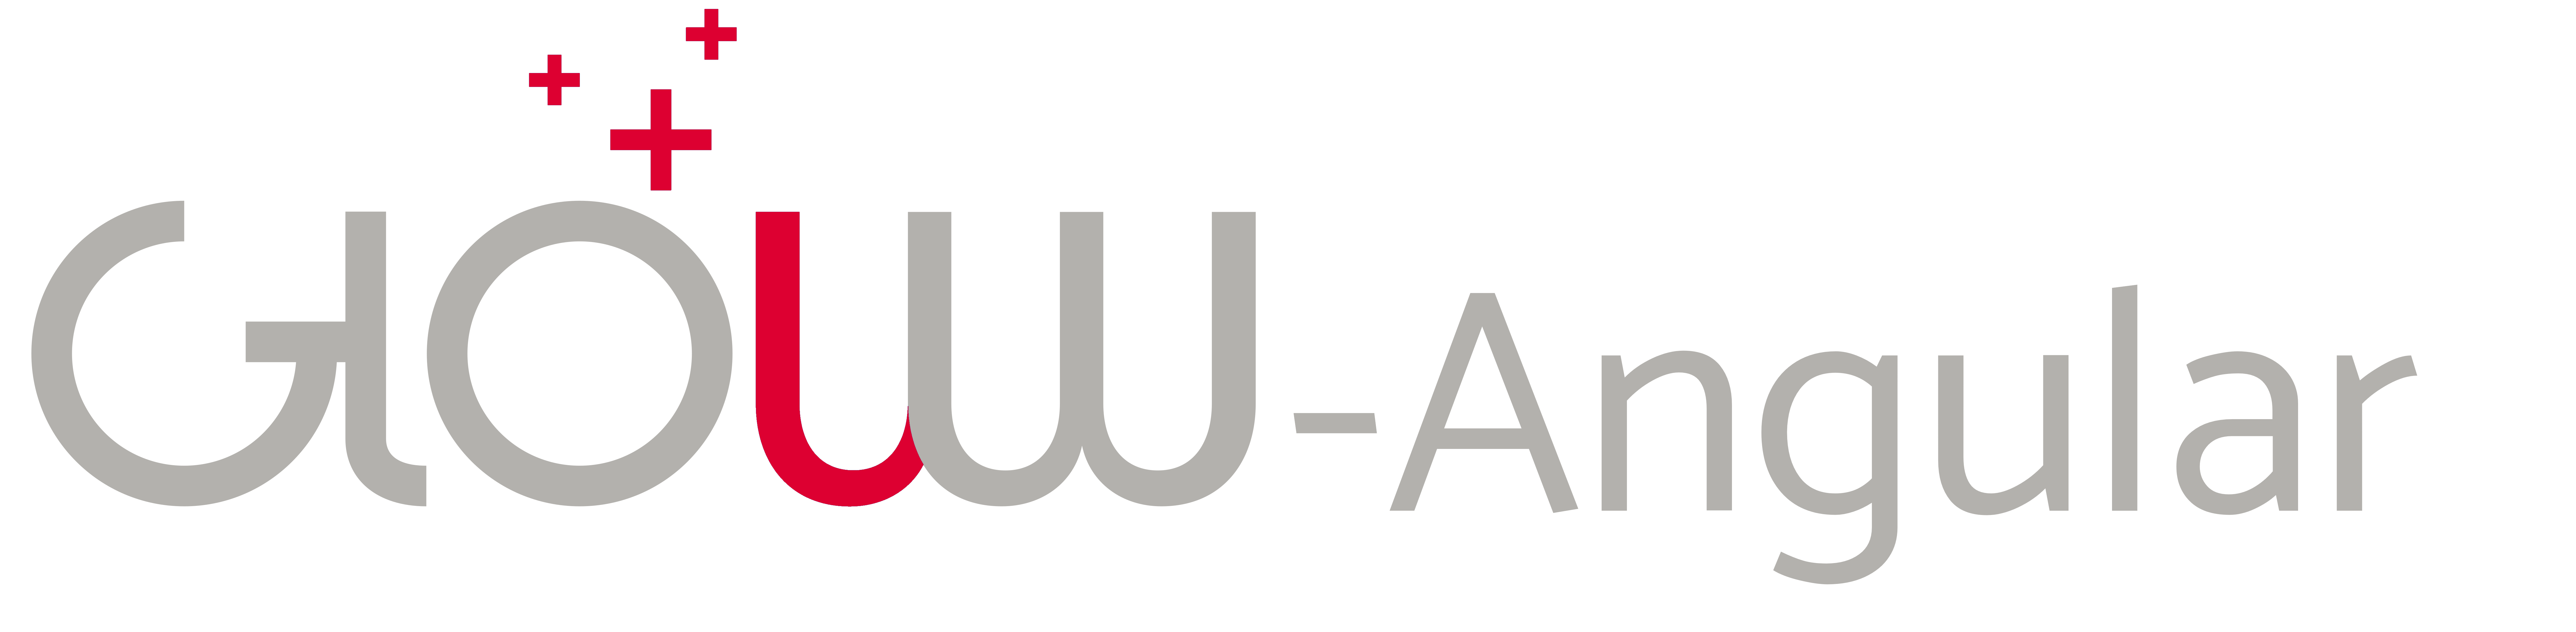 GLOWW-Angular